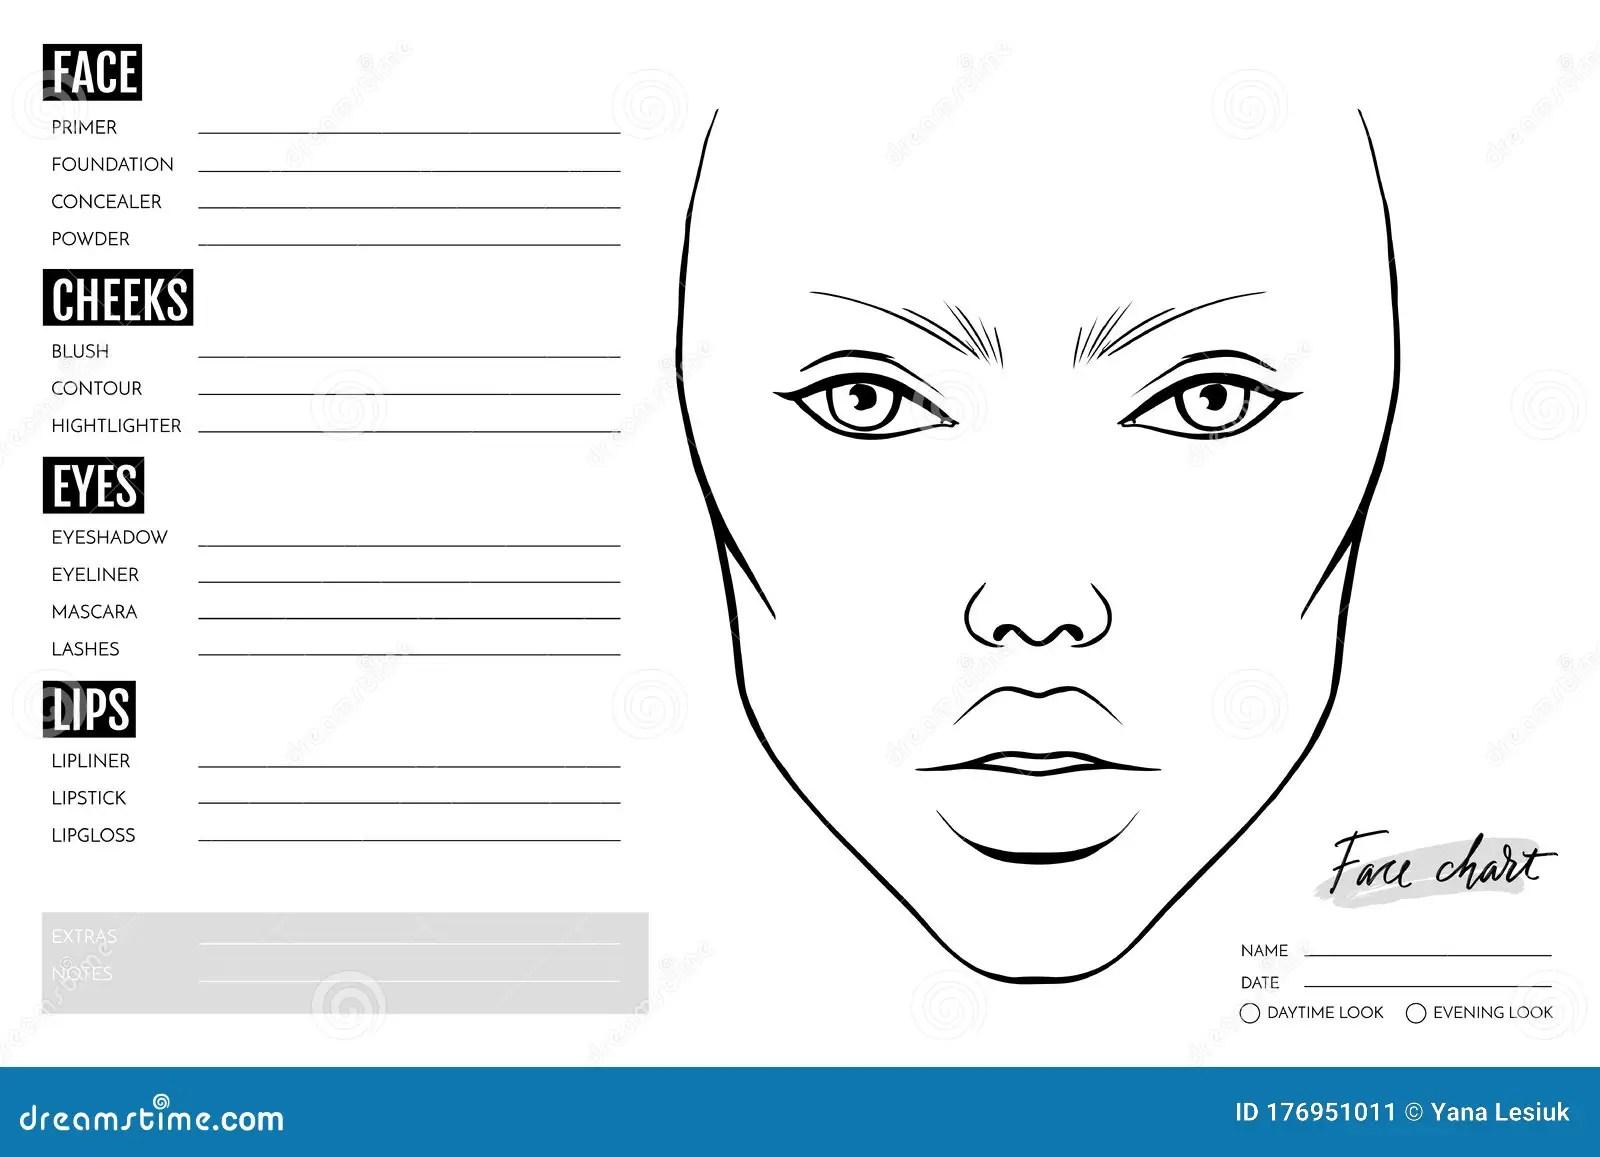 Face Chart Blank Makeup Artist Vector Template Stock